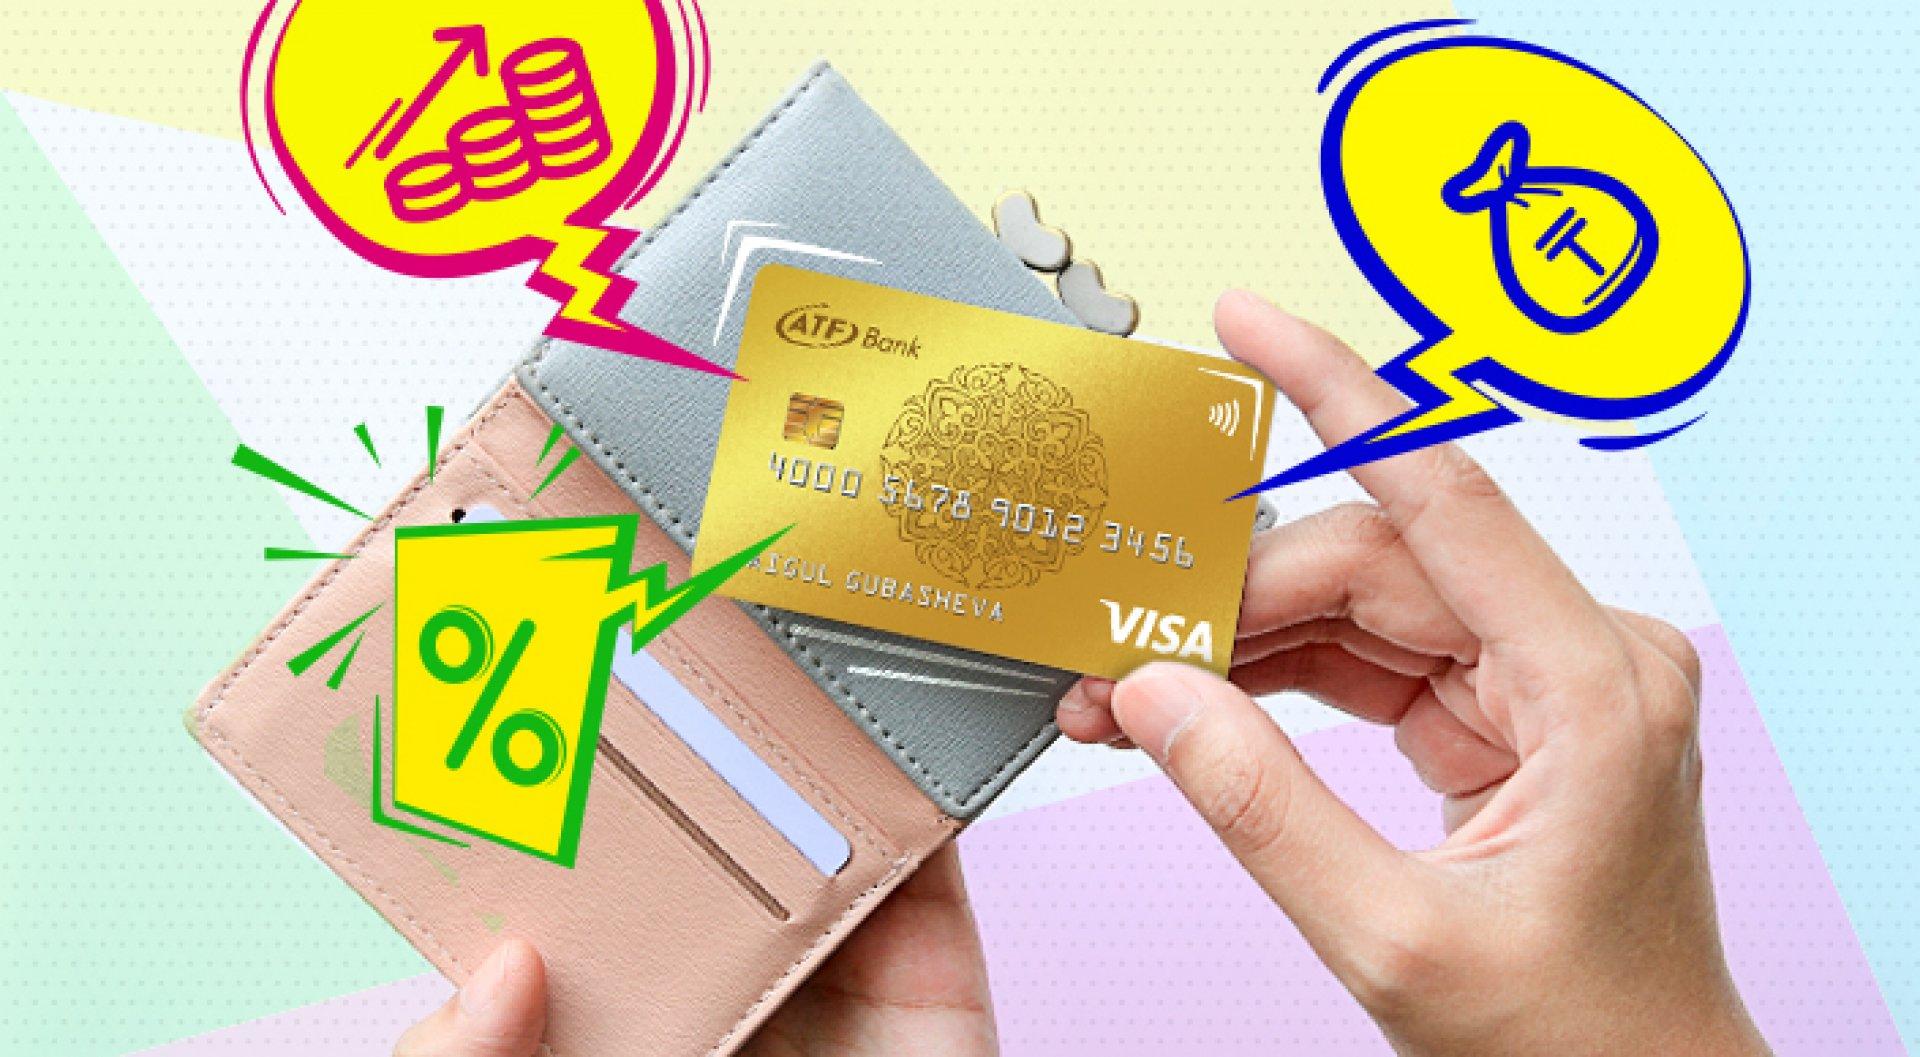 Зарплатная карточка АТФ Банка